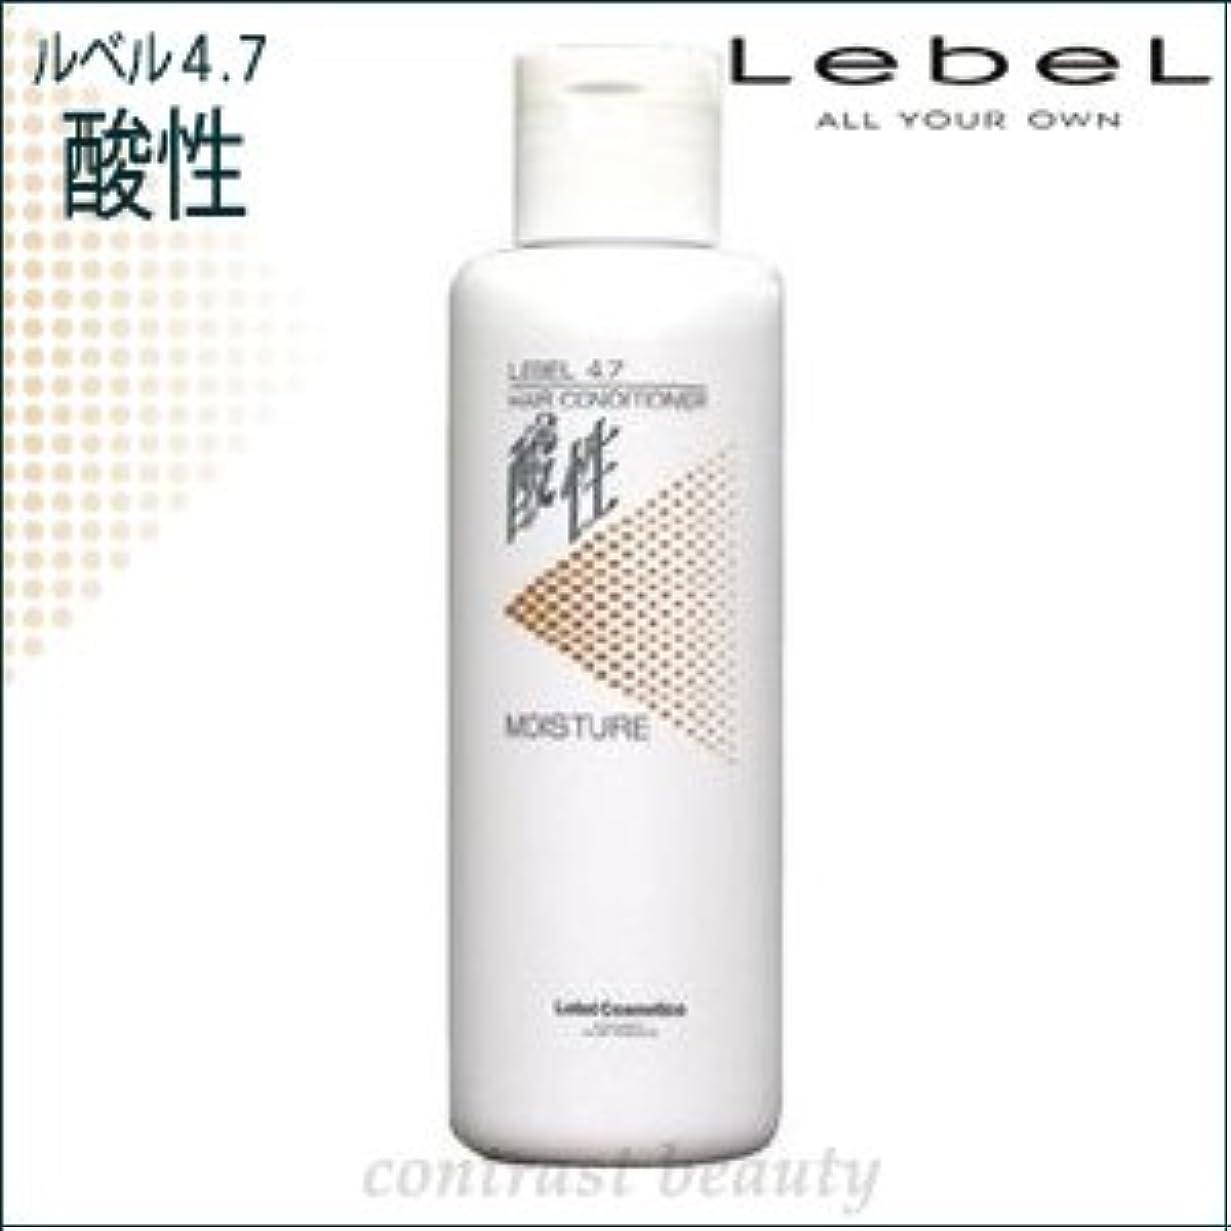 続編落ち着かない振幅【X2個セット】 ルベル/LebeL 4.7酸性 モイスチャーコンディショナー 250ml